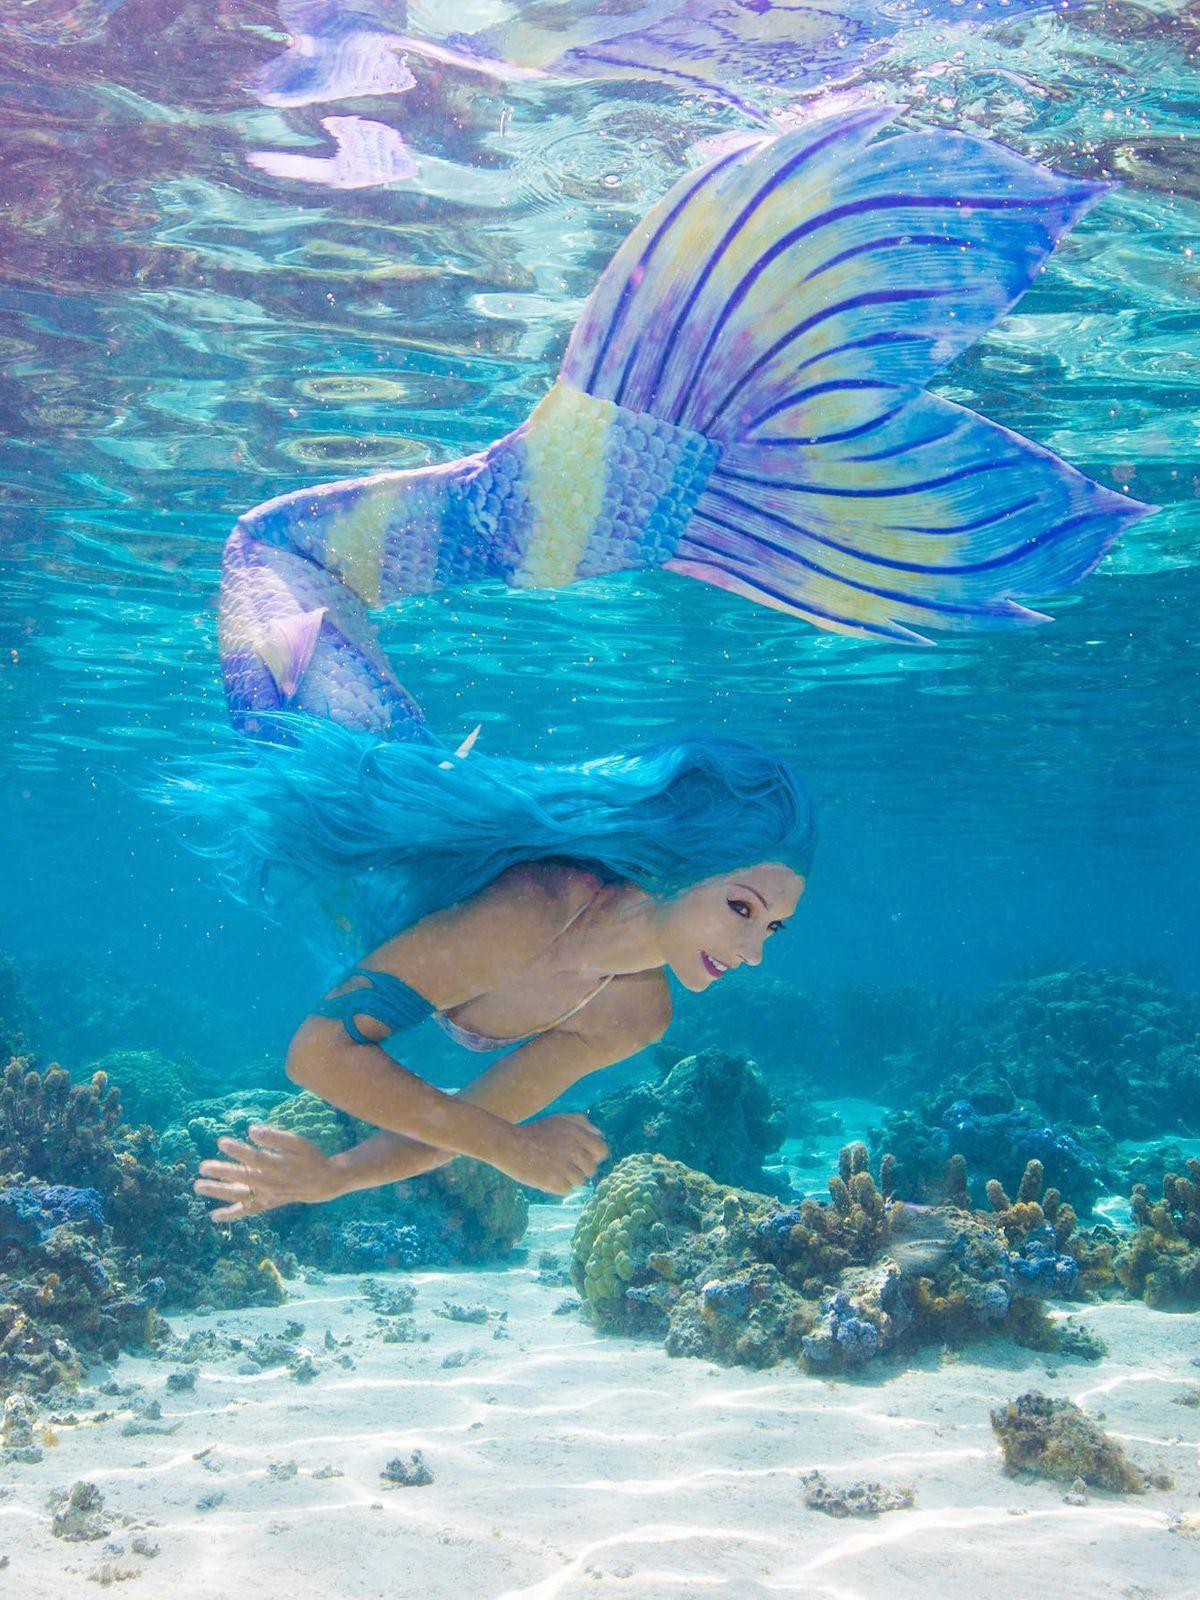 Meerjungfrau Katrin Gray: Unterwasserposing in 40m Tiefe